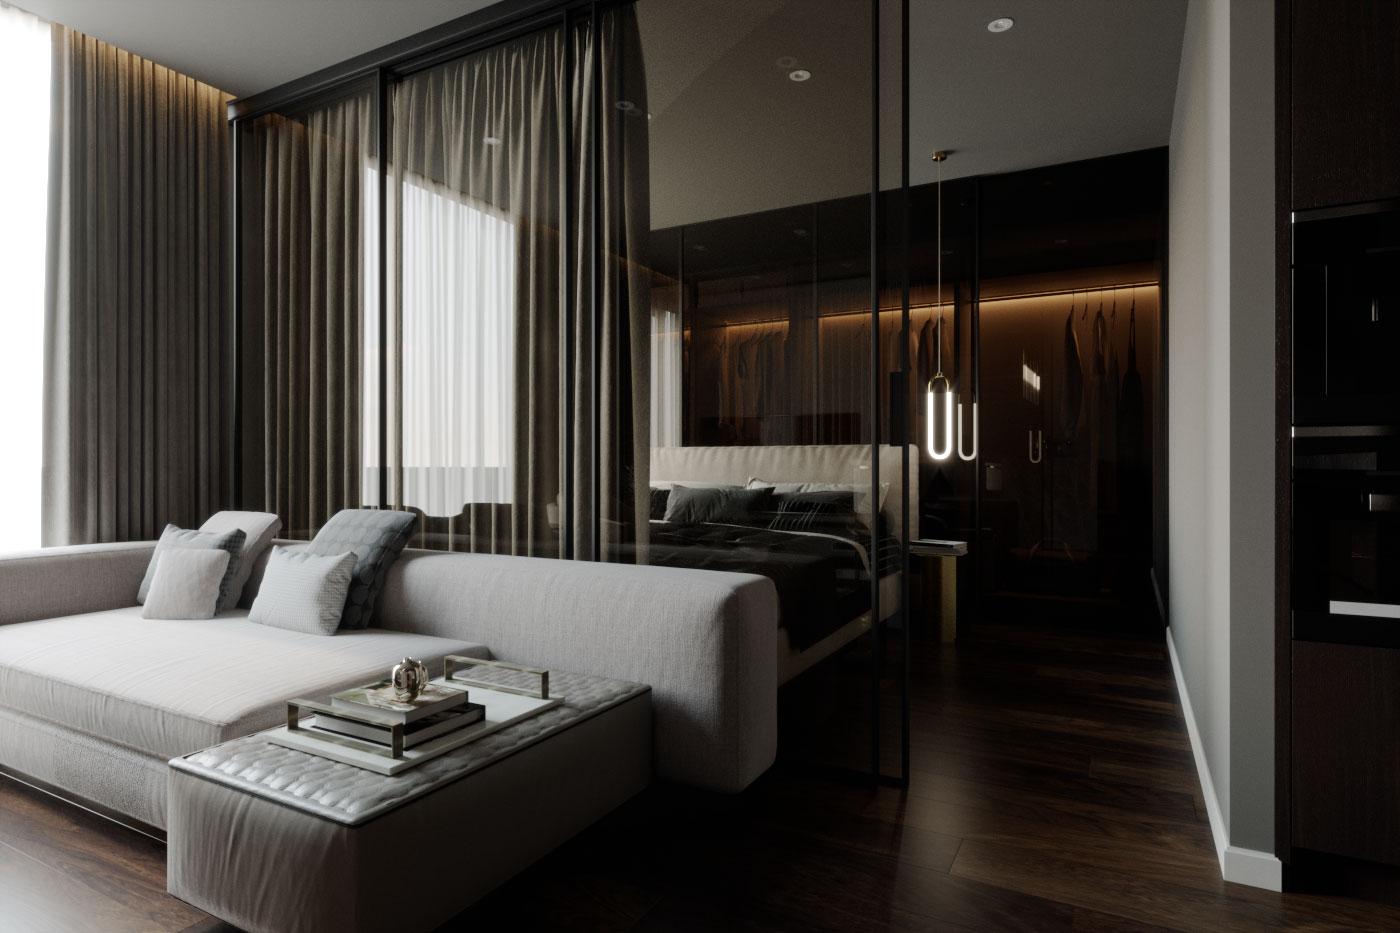 Мягкая мебель и теплое освещение сохраняют баланс и придают уюта